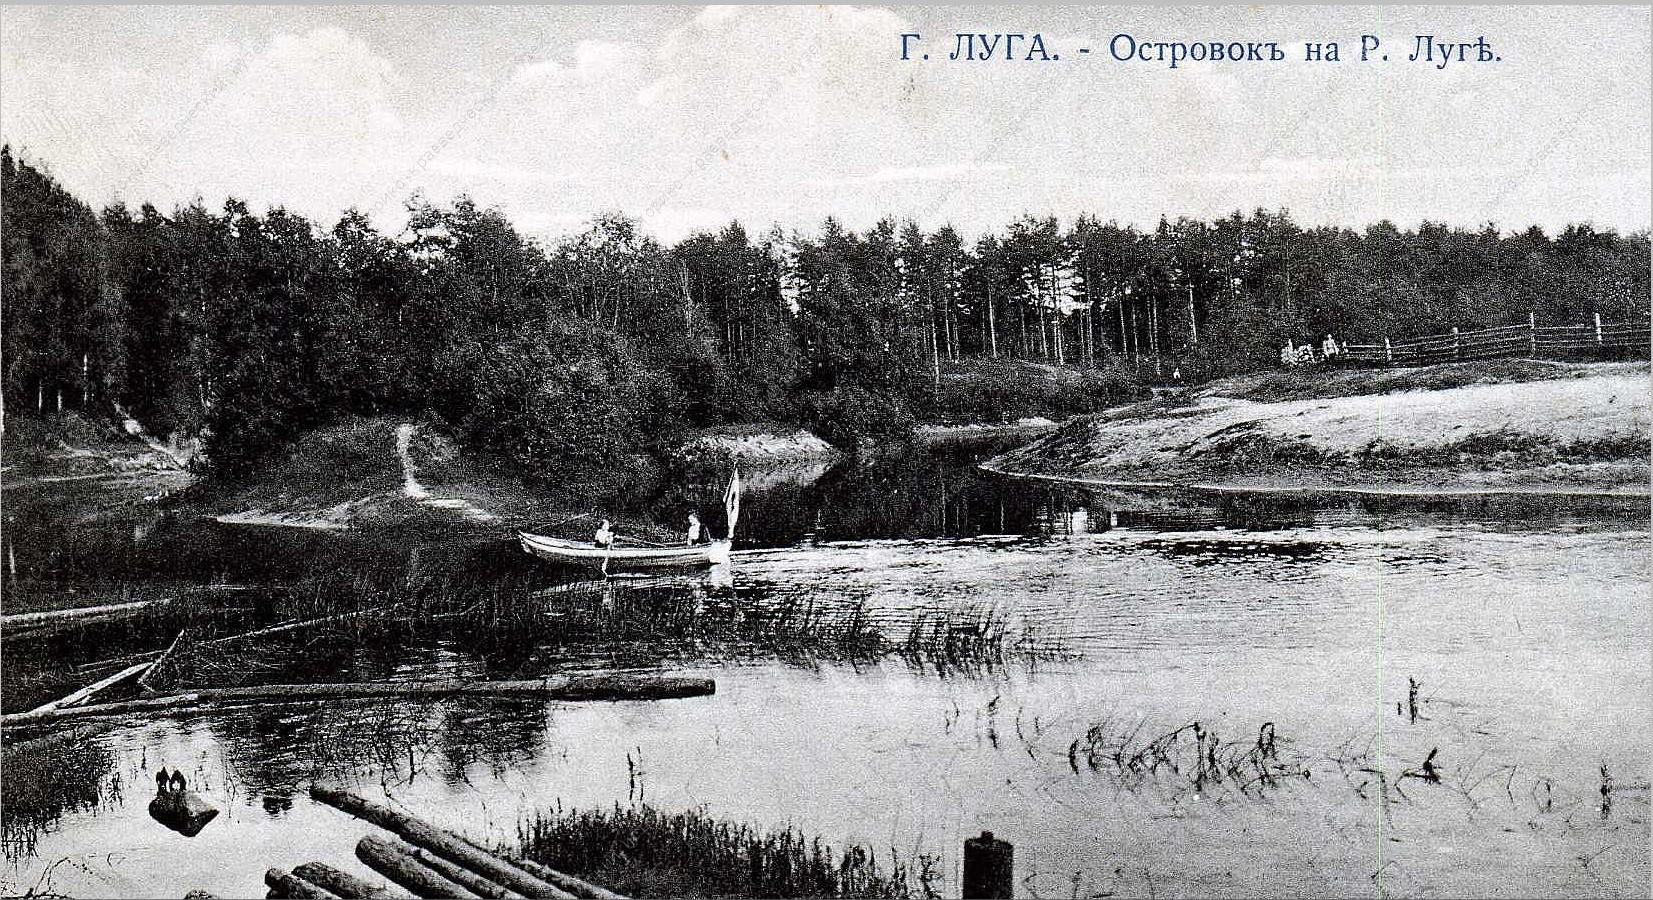 Окрестности Луги. Островок на реке Луге